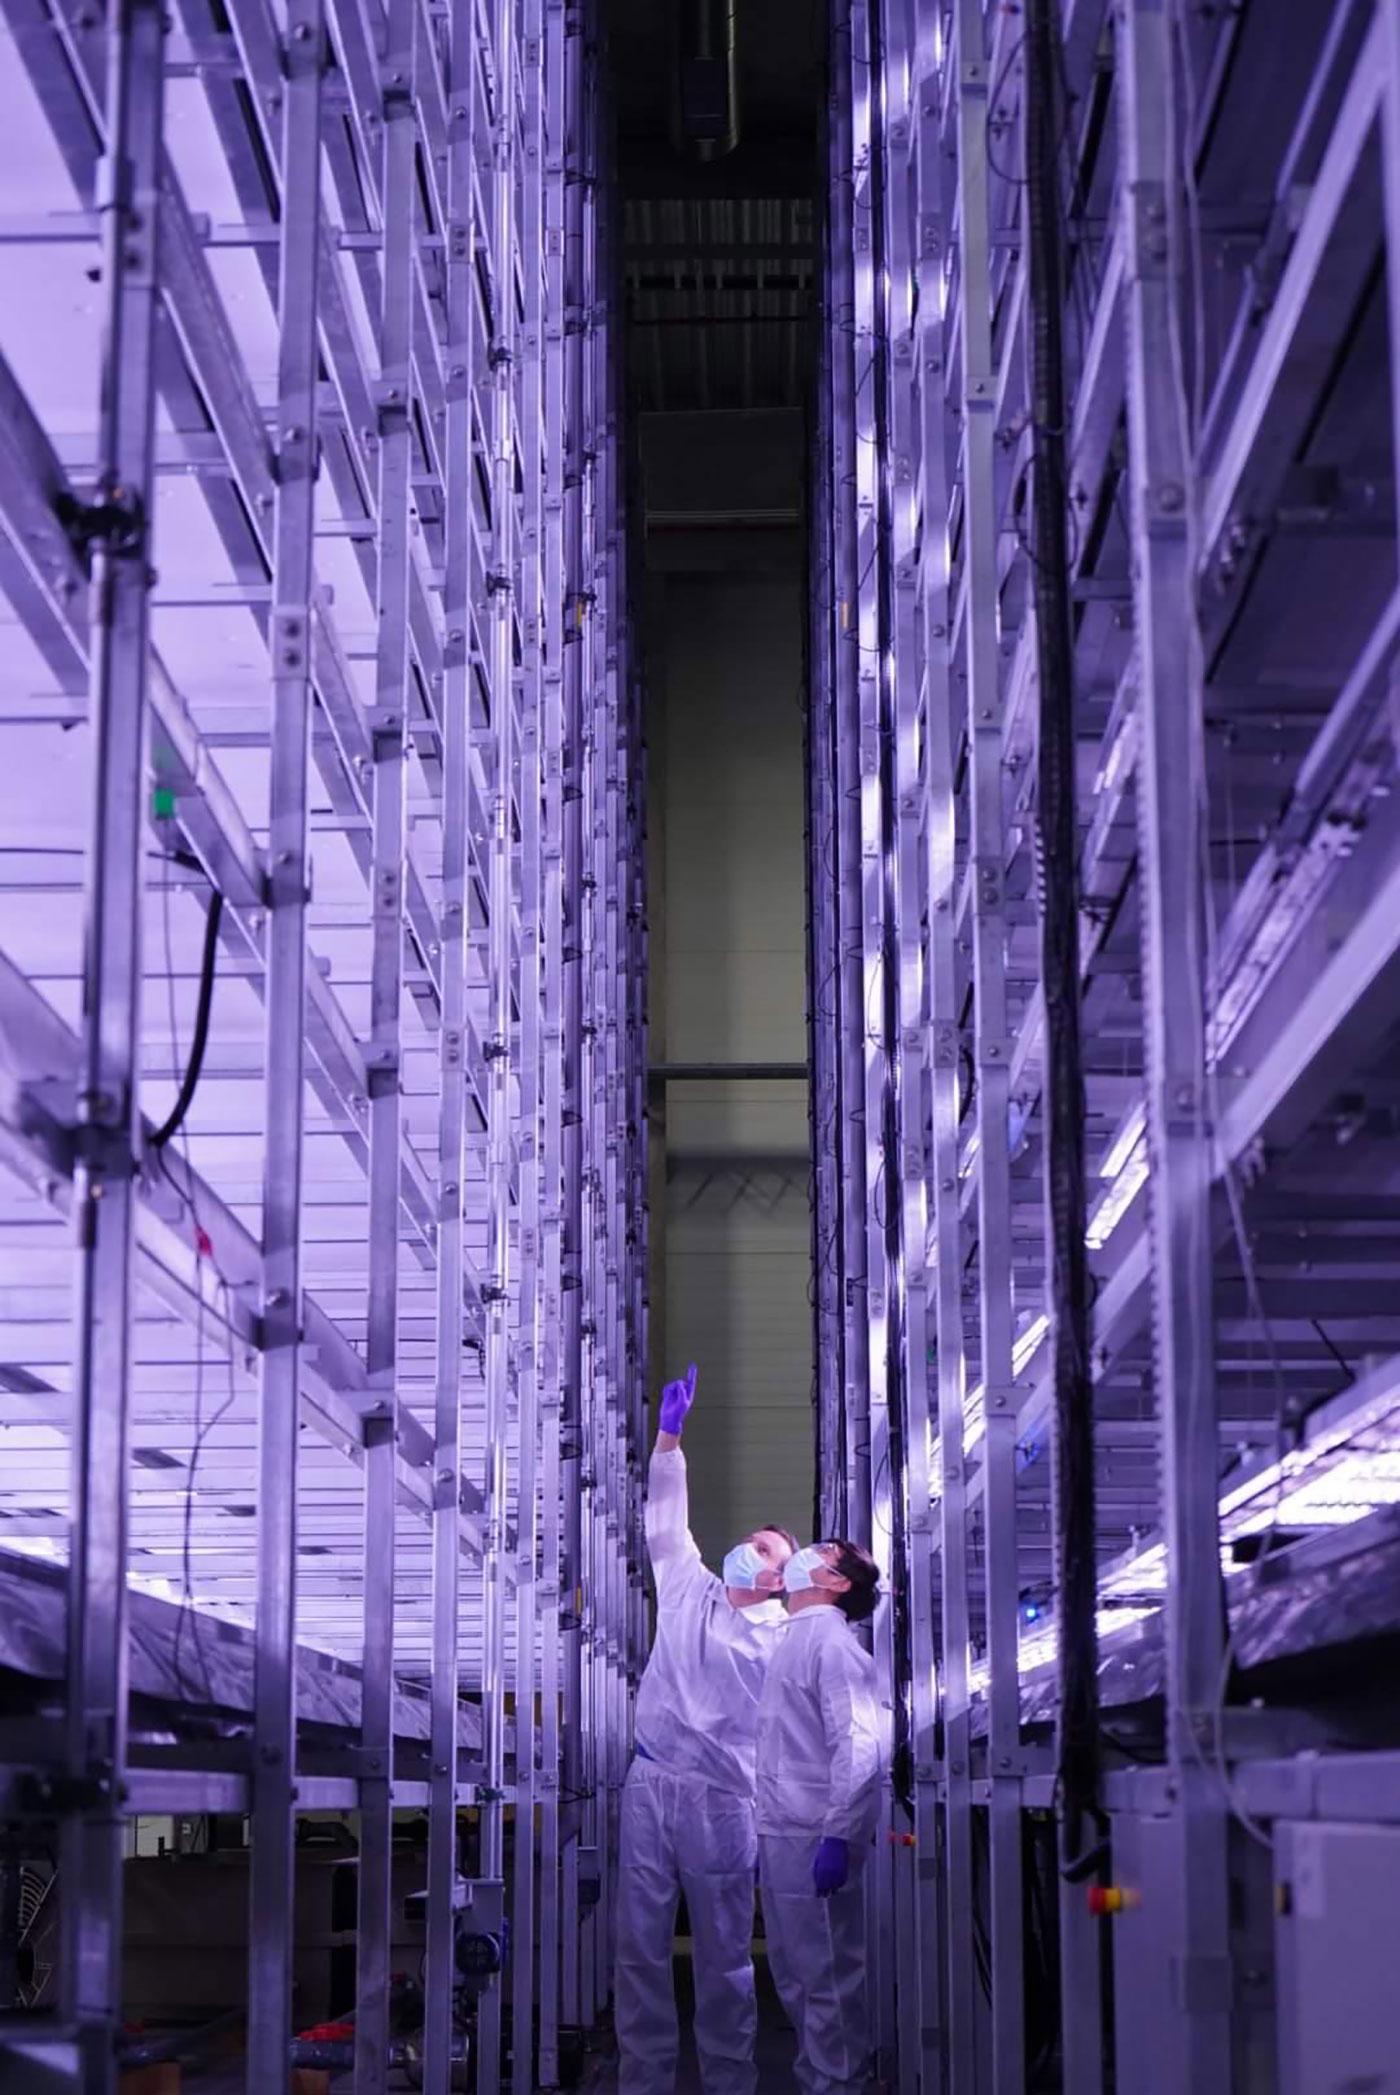 indendørs foto af et vertikalt landbrug badet i lilla lys: to mænd peger op og kigger op.